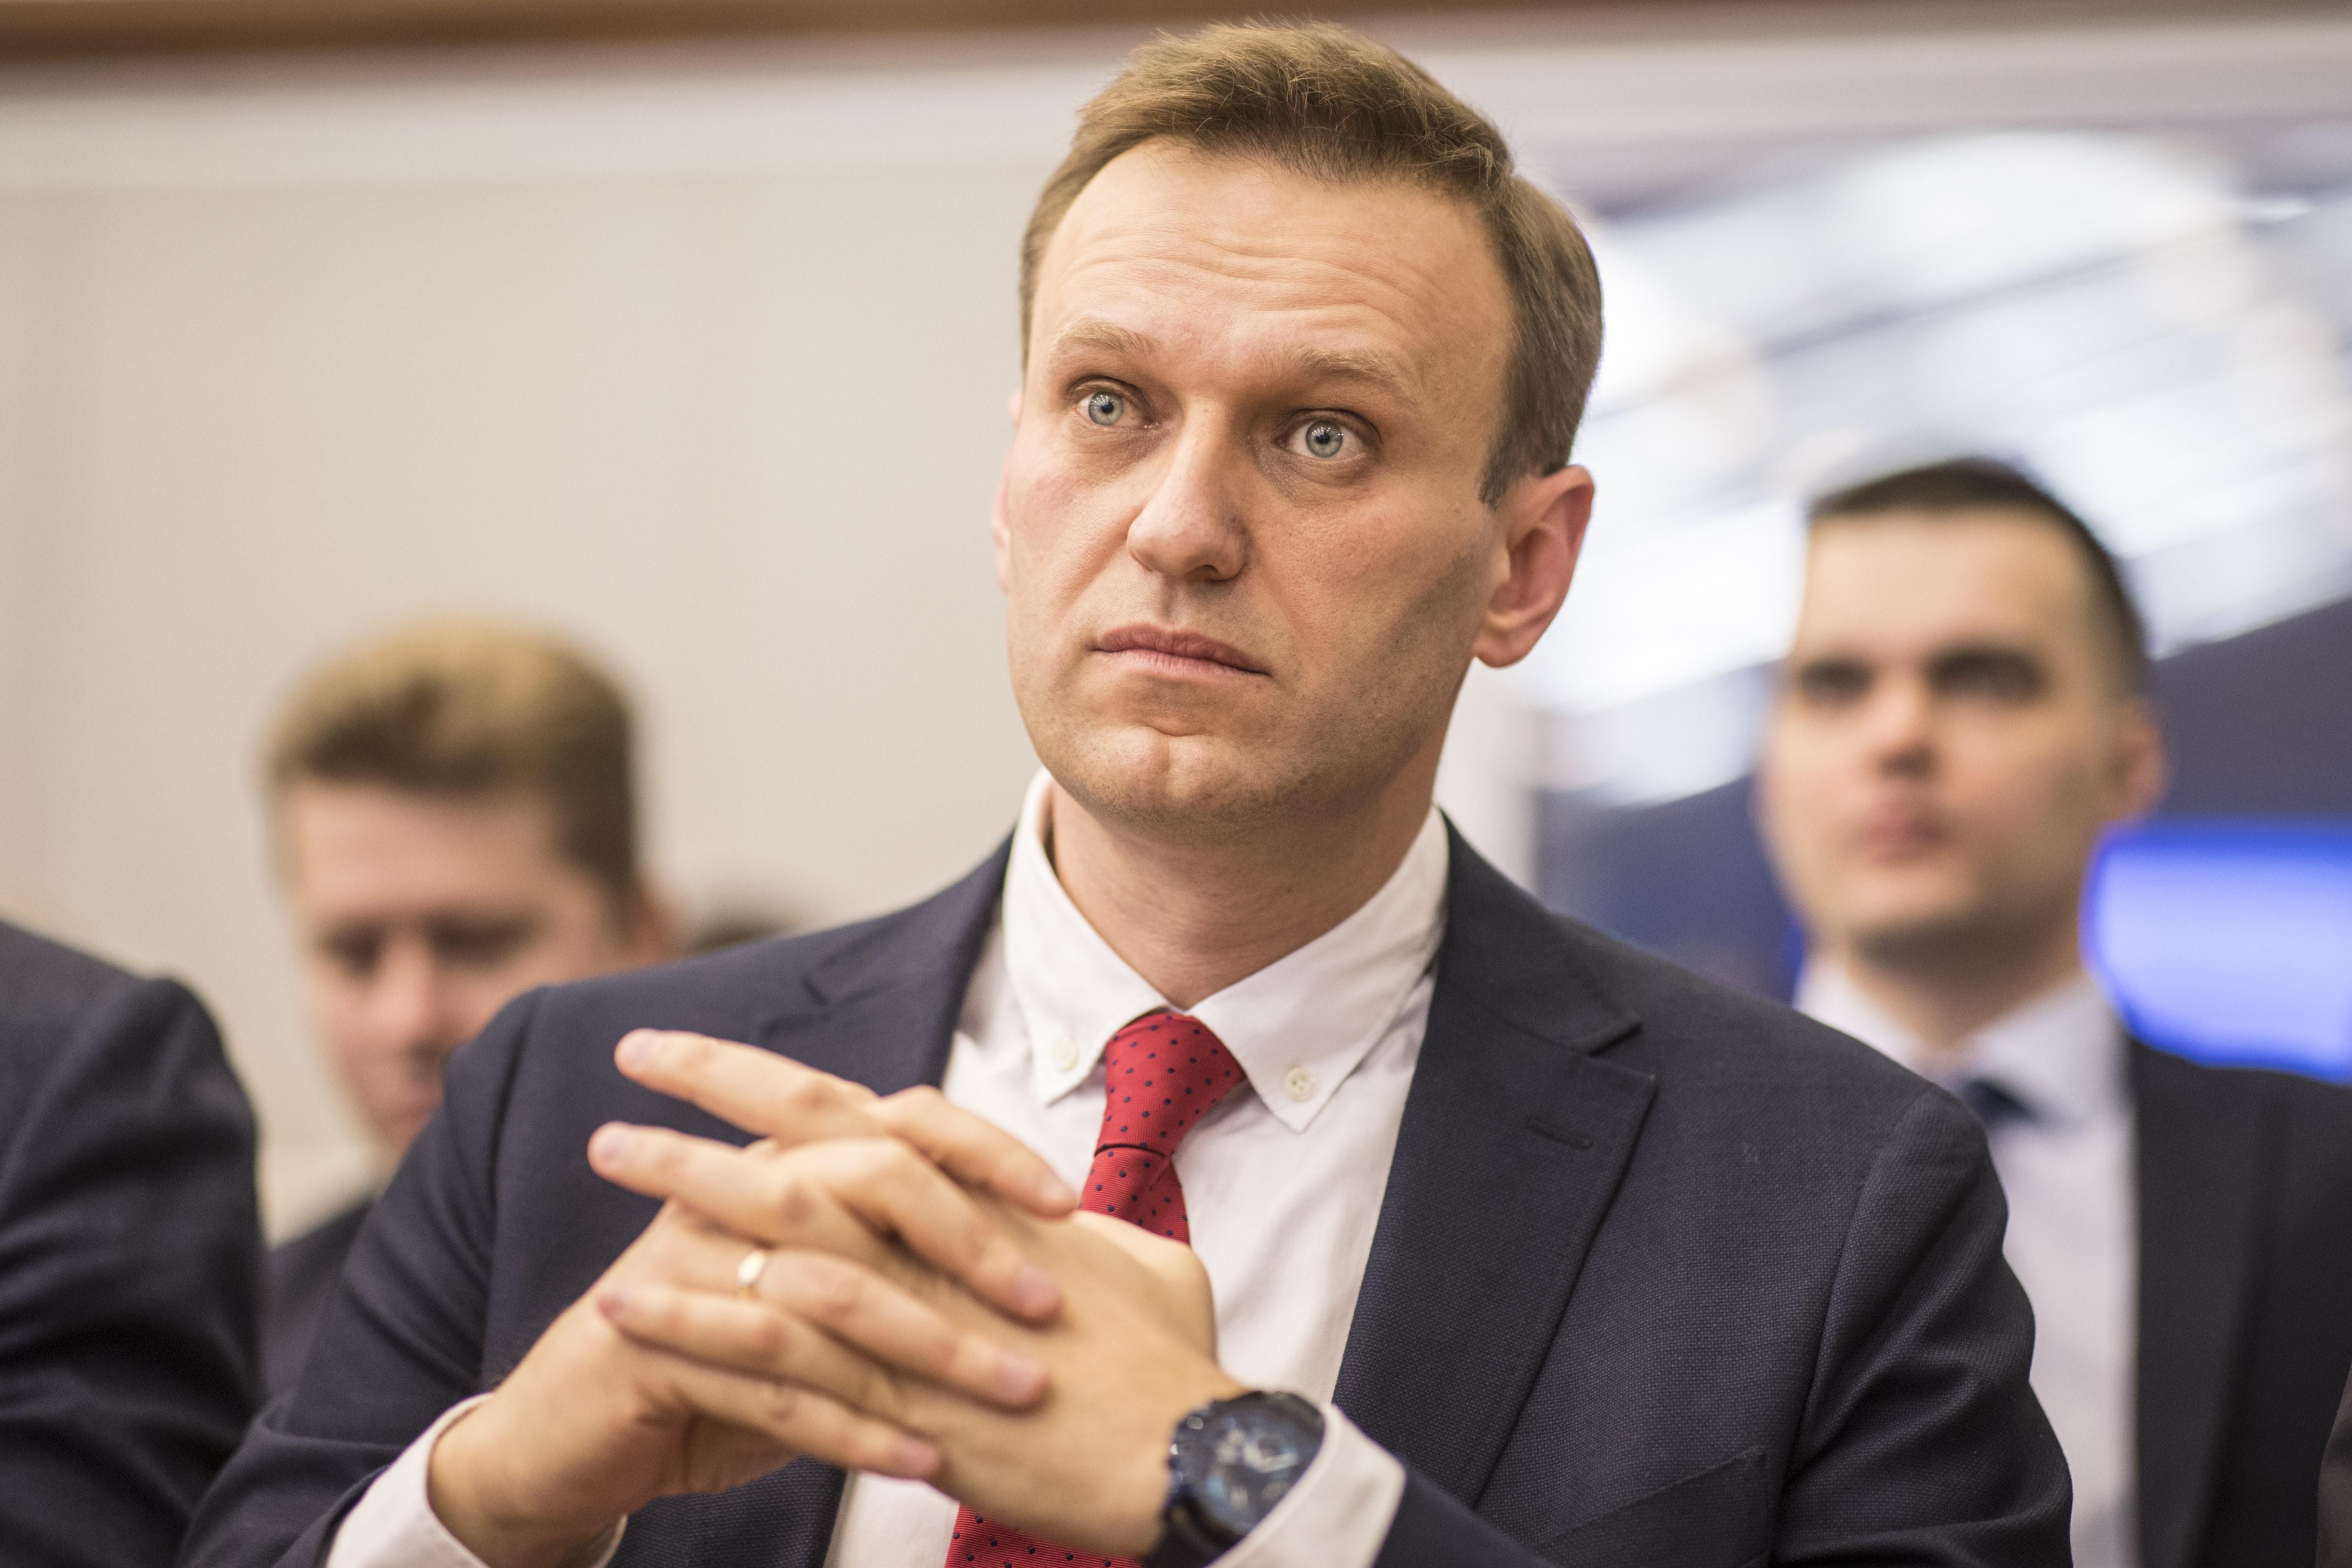 Moszkva 10 napon belül adatokat vár Berlintől Navalnij megmérgezéséről